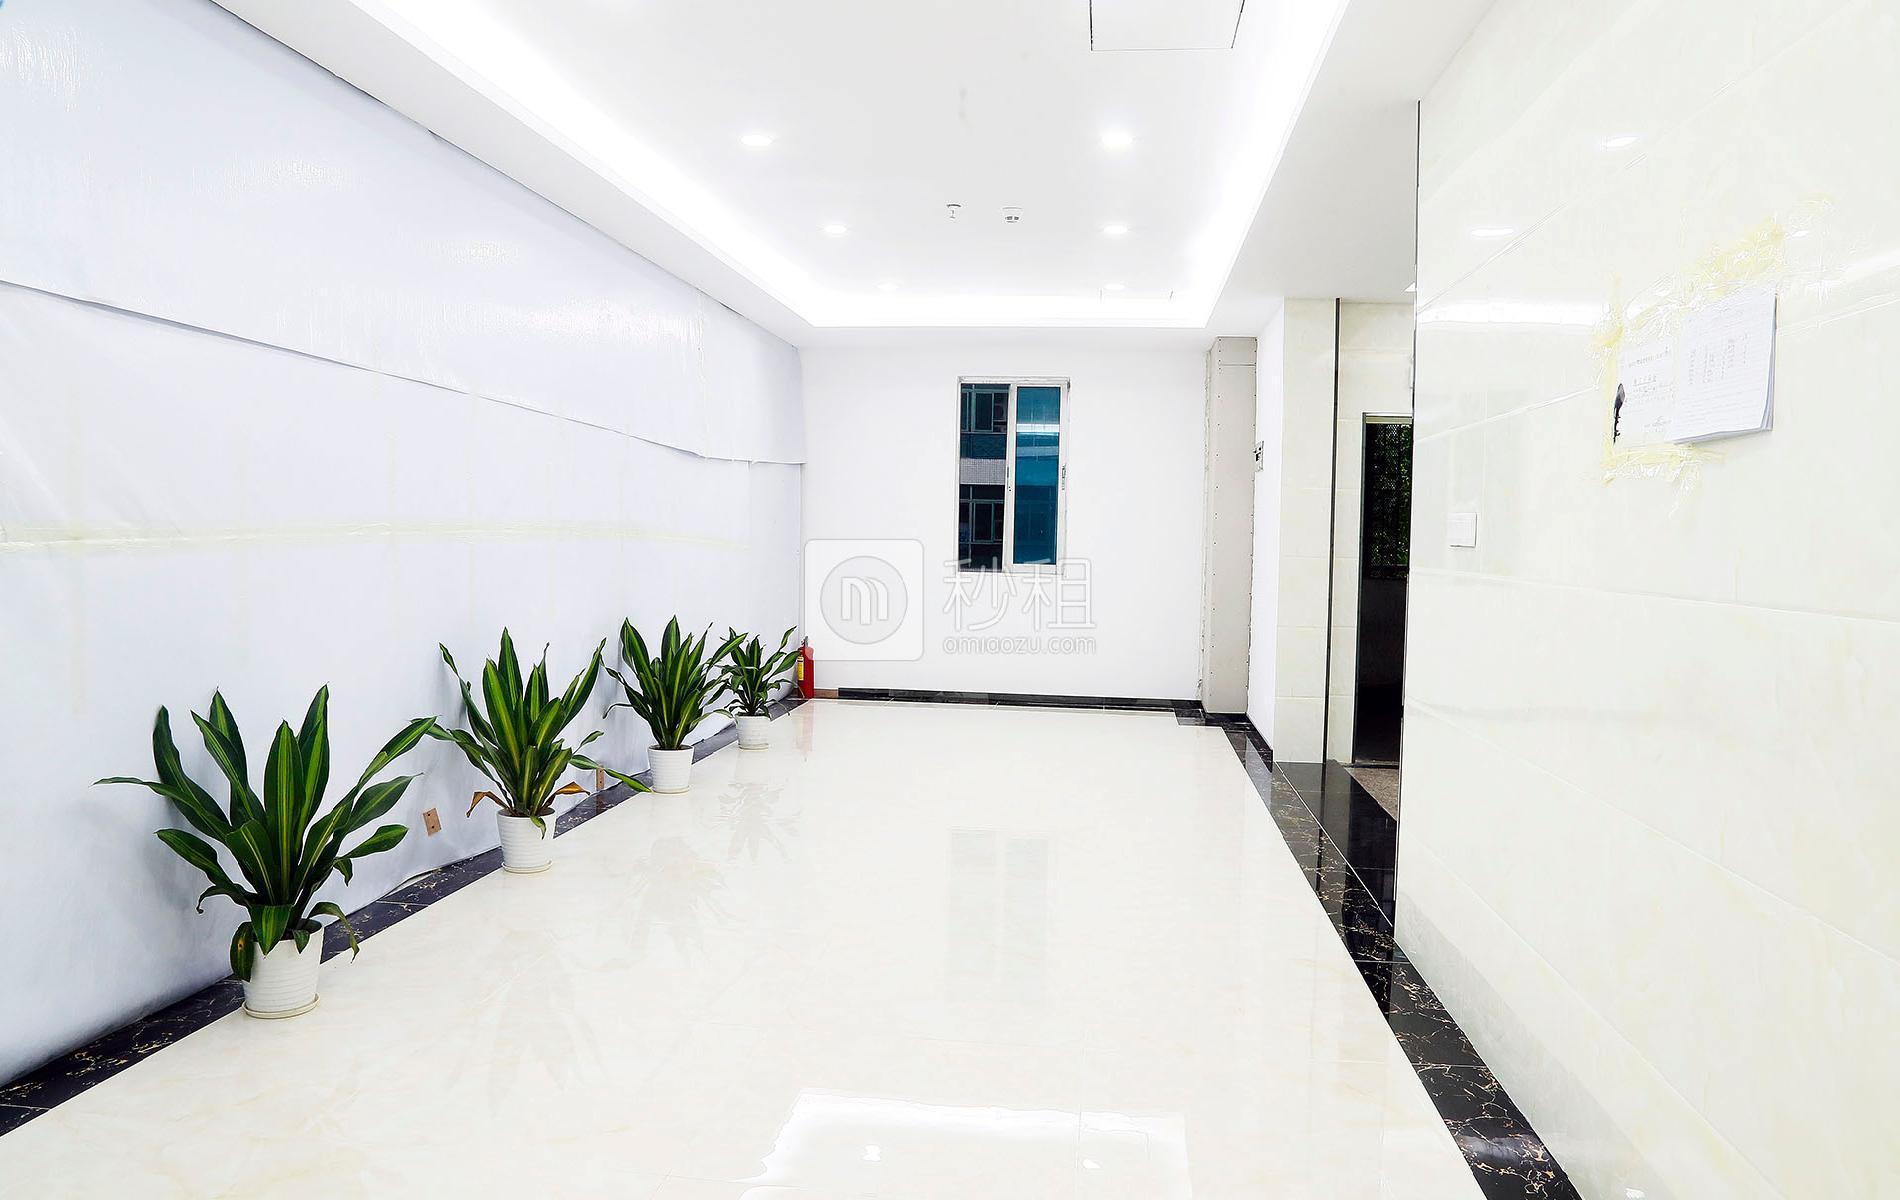 虚拟大学园写字楼出租/招租/租赁,虚拟大学园办公室出租/招租/租赁